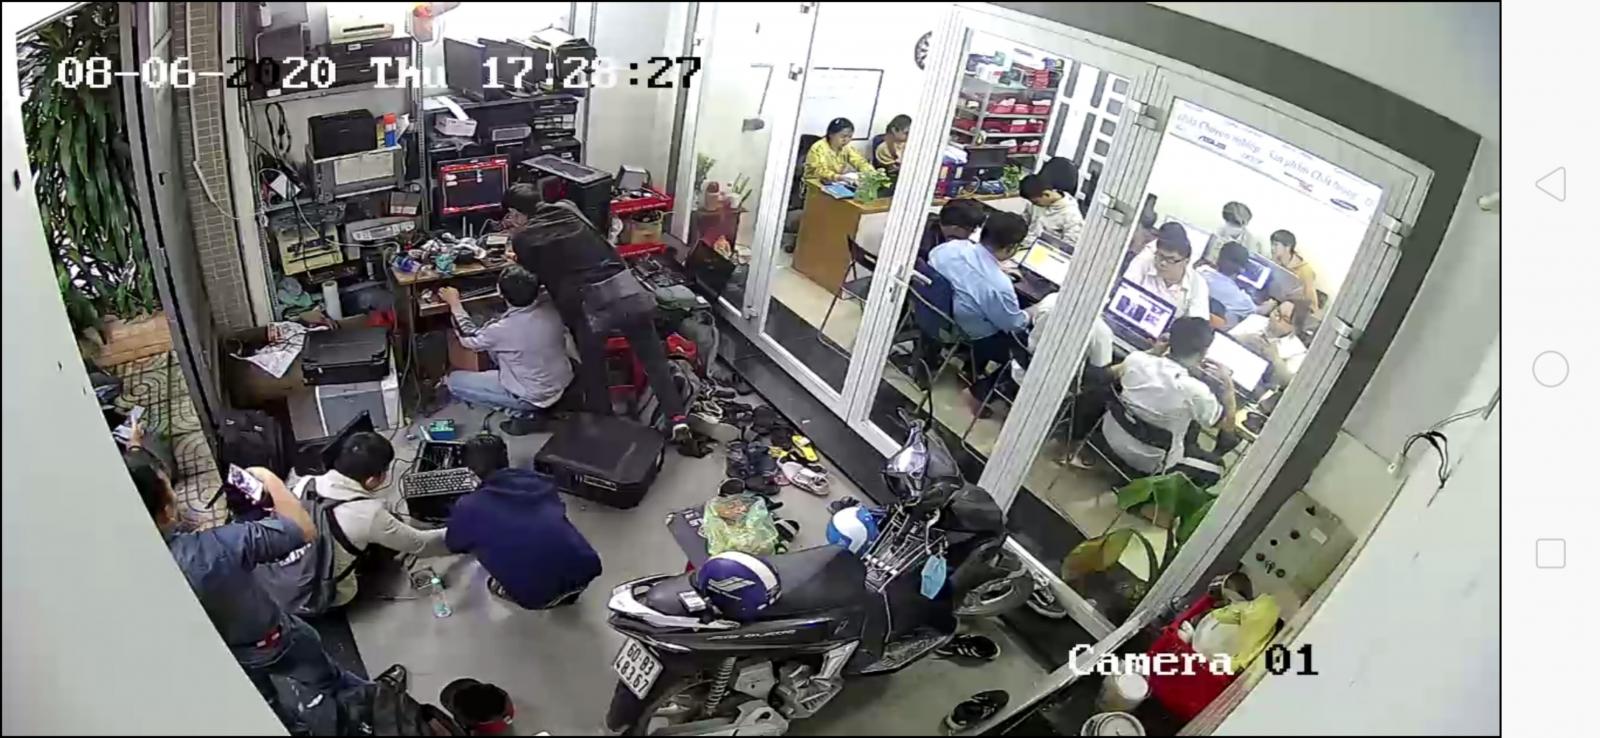 Công Ty Dịch Vụ Bảo Trì Máy Tính Tận Nơi Quận 8 Uy Tín Nhanh